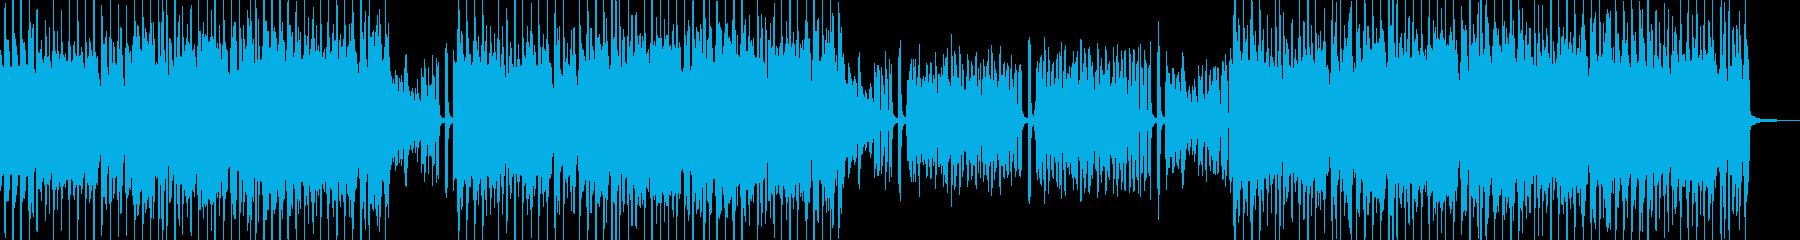 スィングポップ 打楽器無&ベース有の再生済みの波形